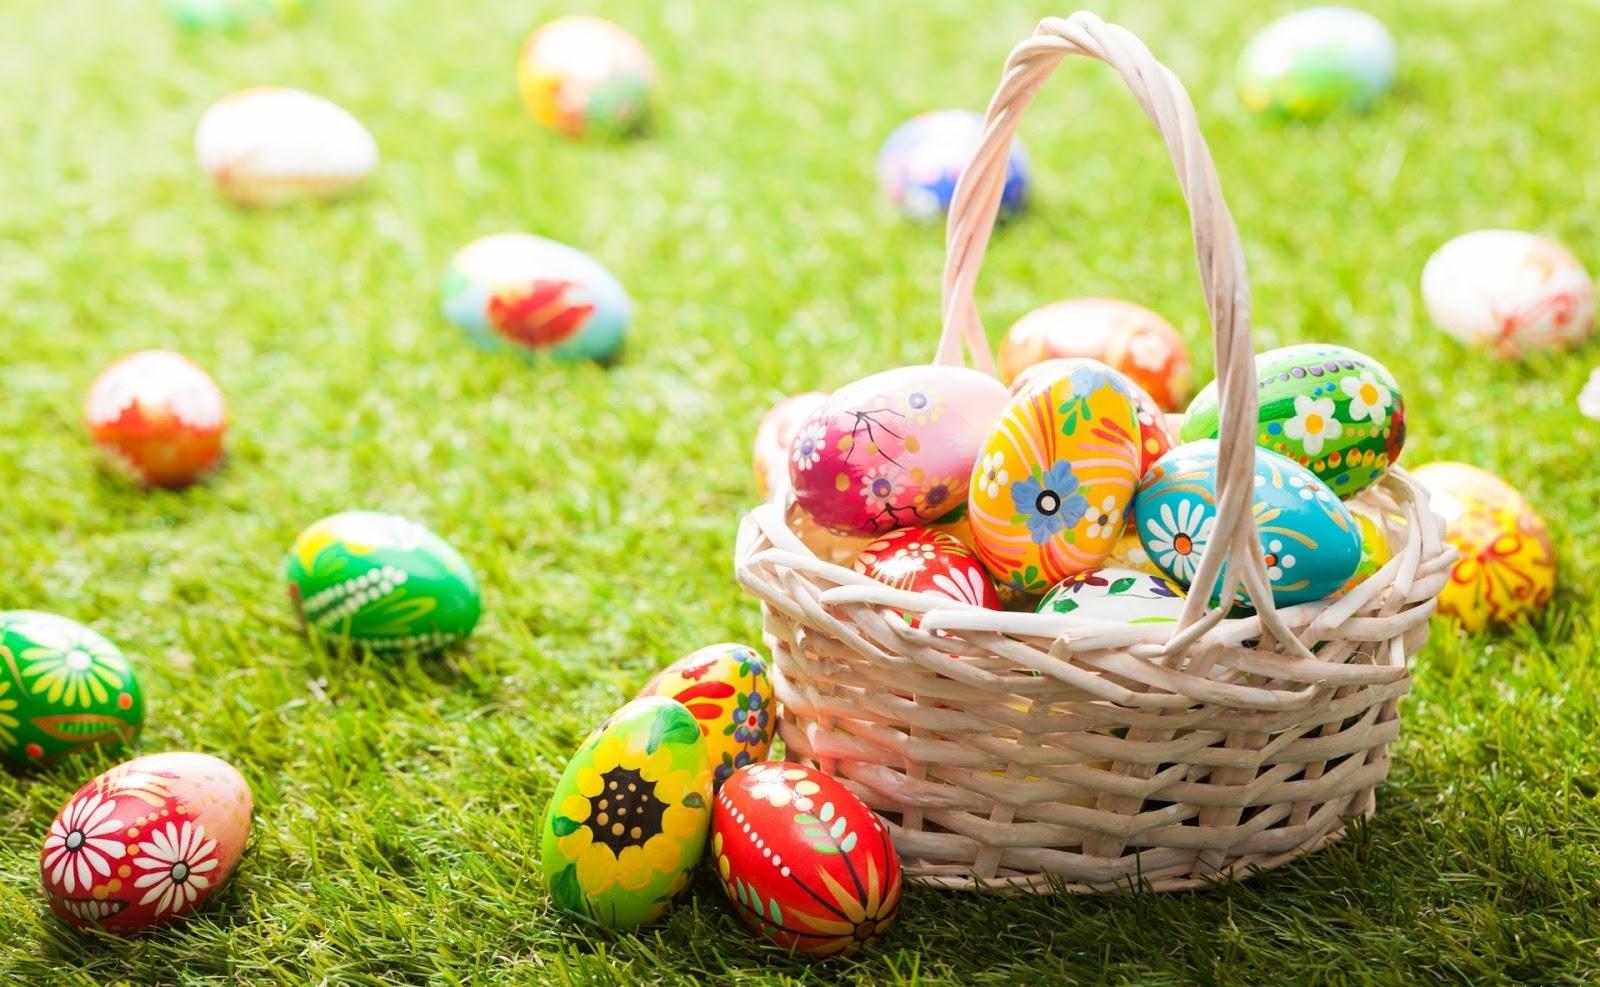 Βάλτε ποιοτικό χρόνο στις διακοπές του Πάσχα